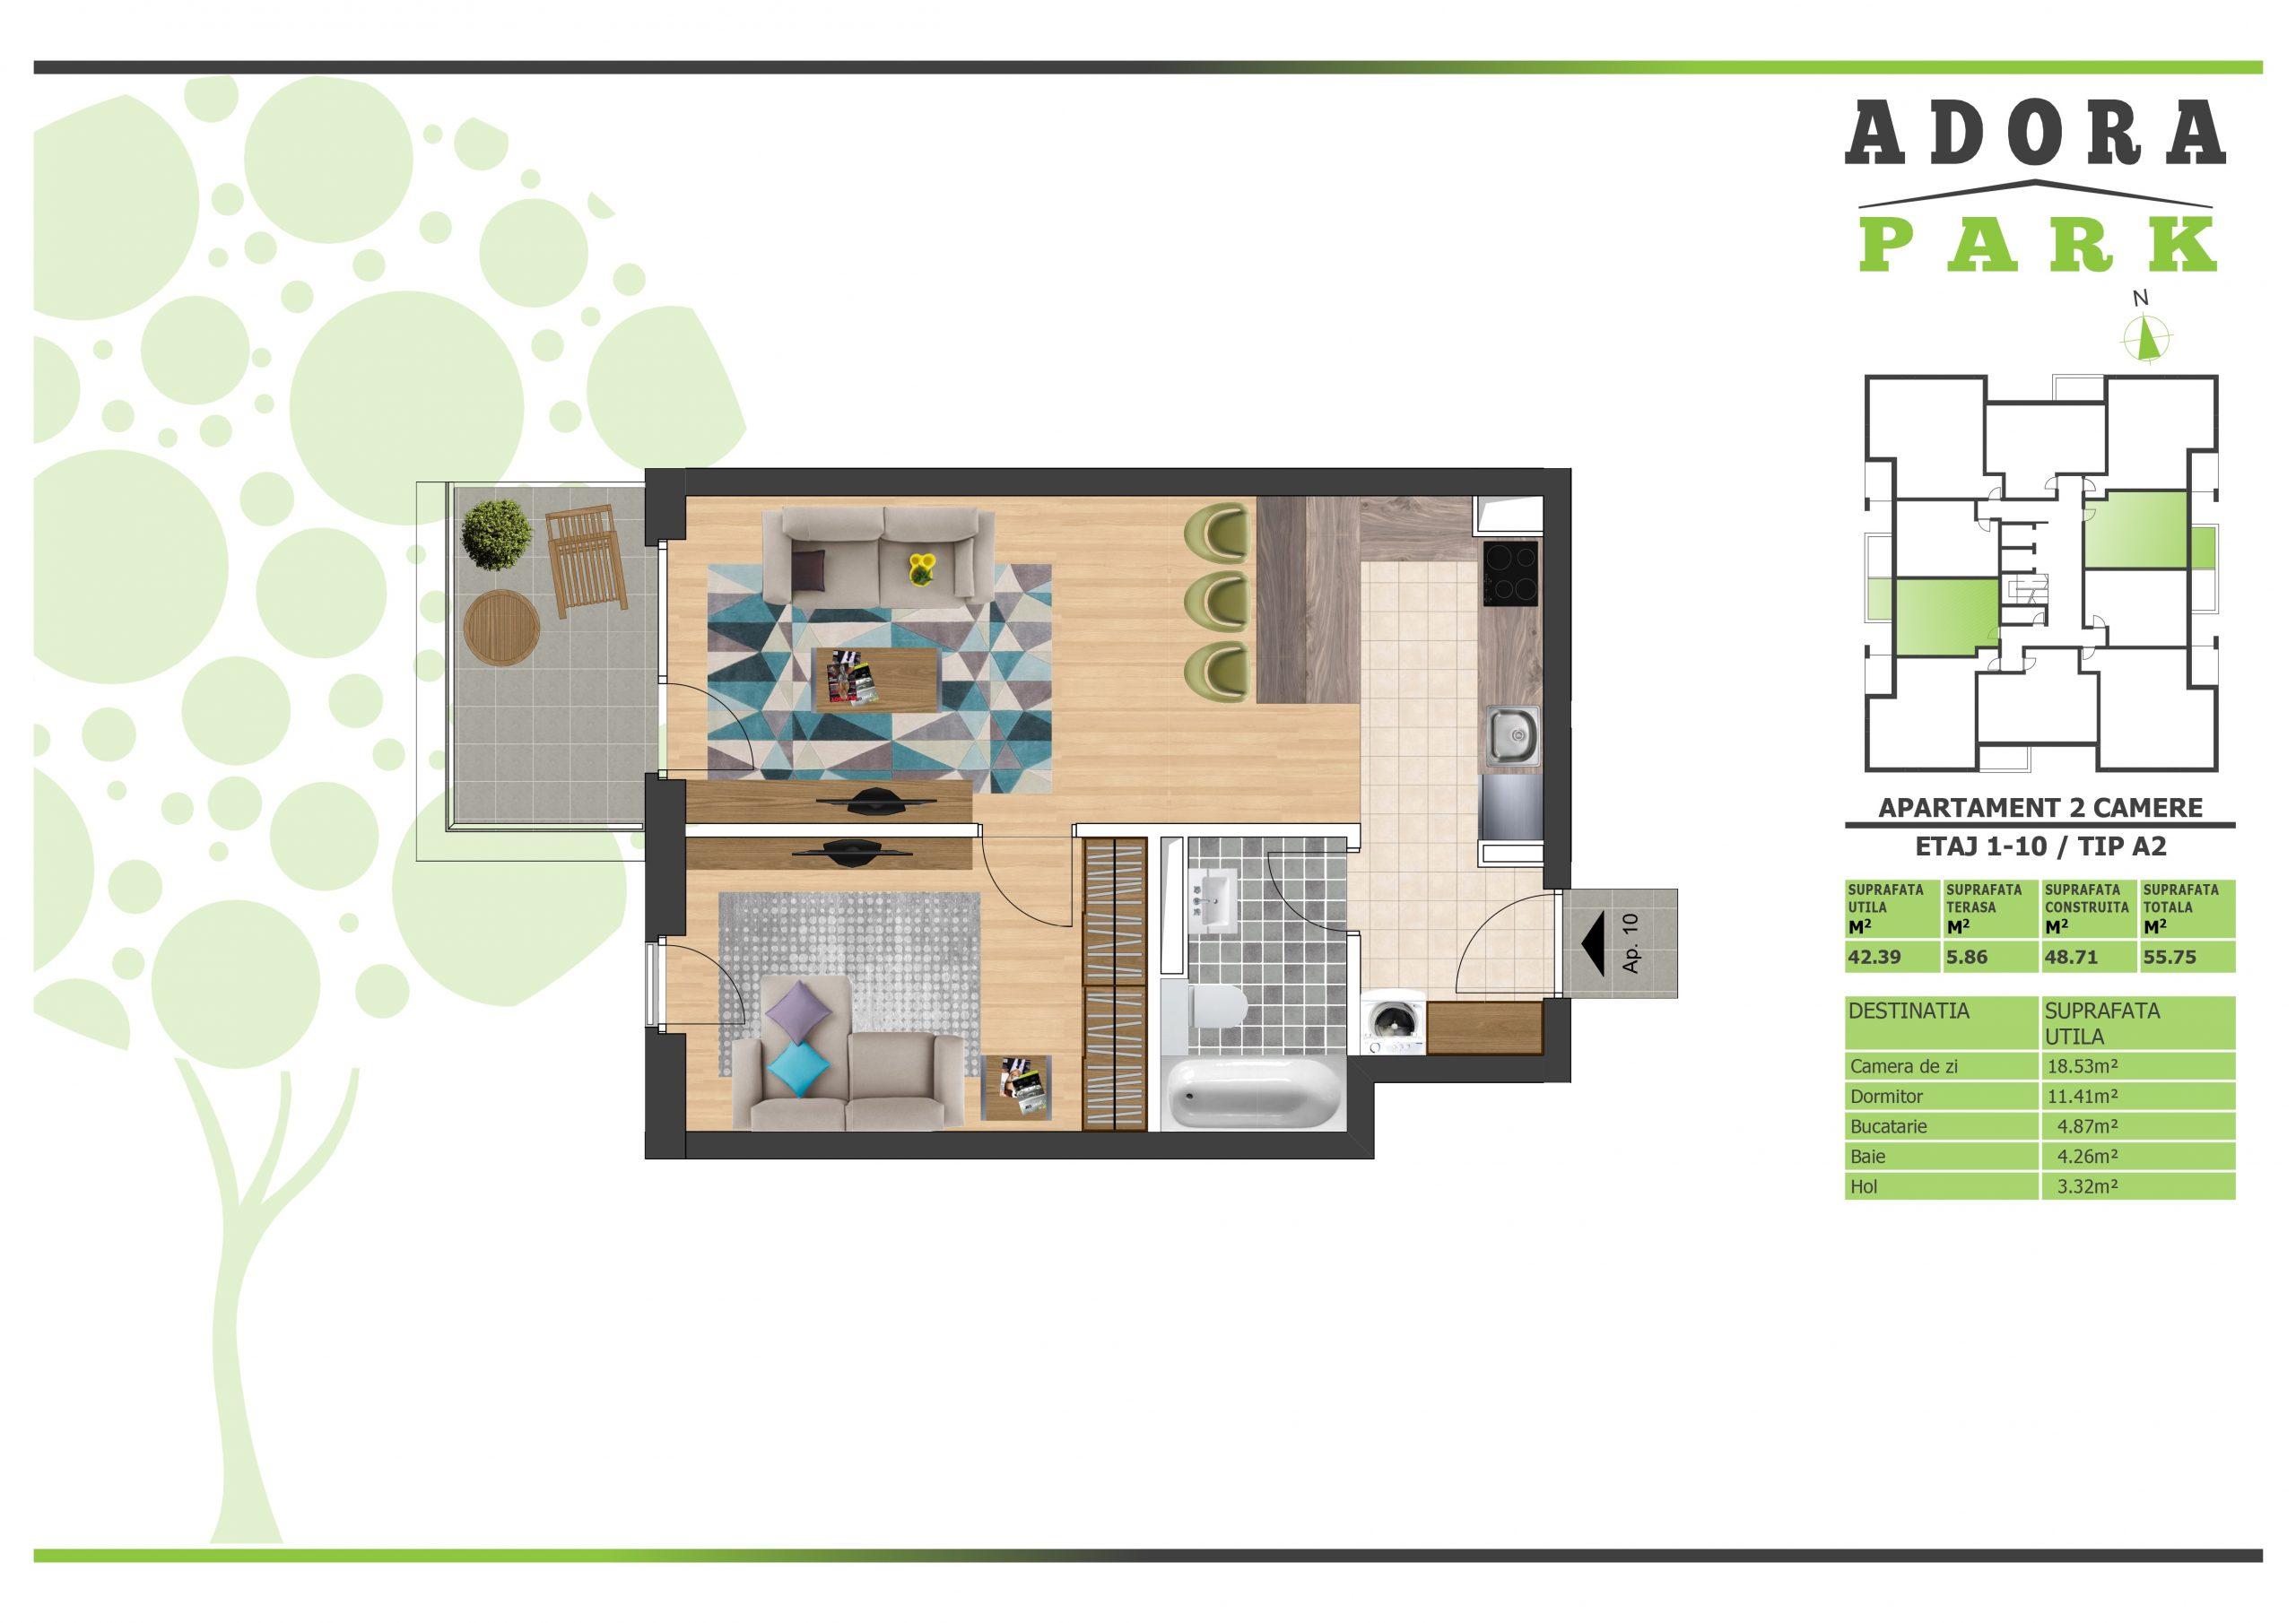 Apartament 2 camere Arad A2